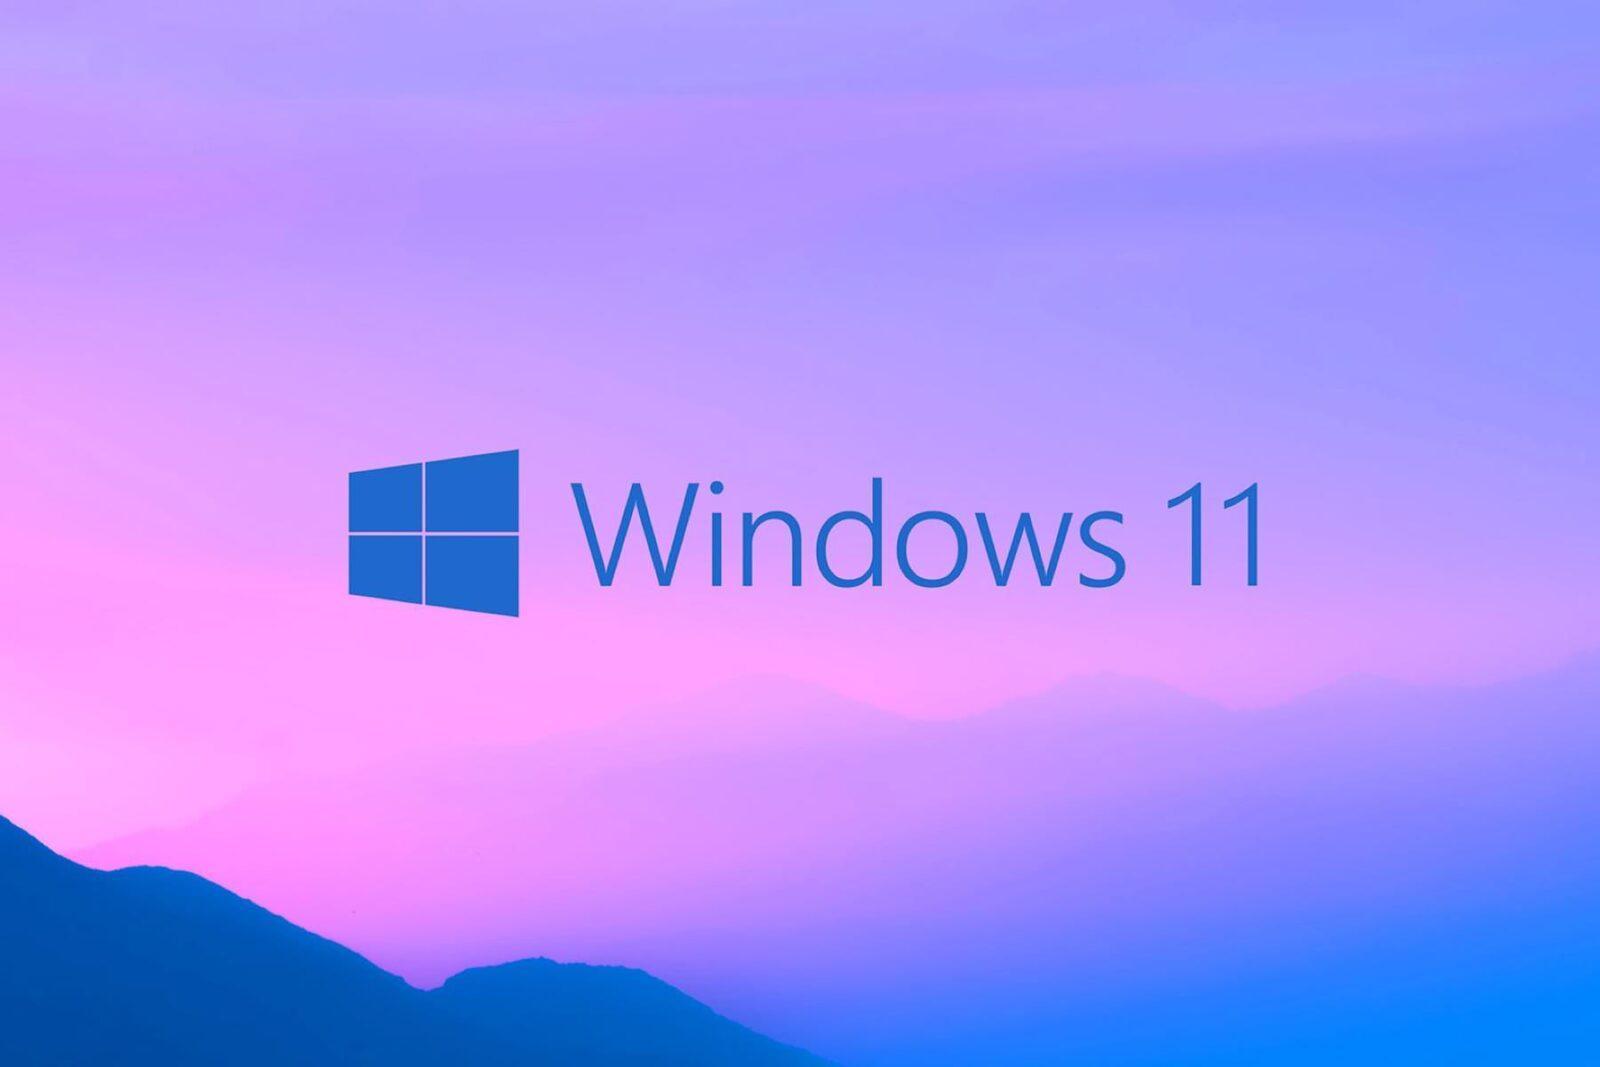 Некорректная работа рекламы Microsoft Teams приводит к отключению всего рабочего стола Windows 11 (JdRjGCHjUf94BuqcAGzh3Q)